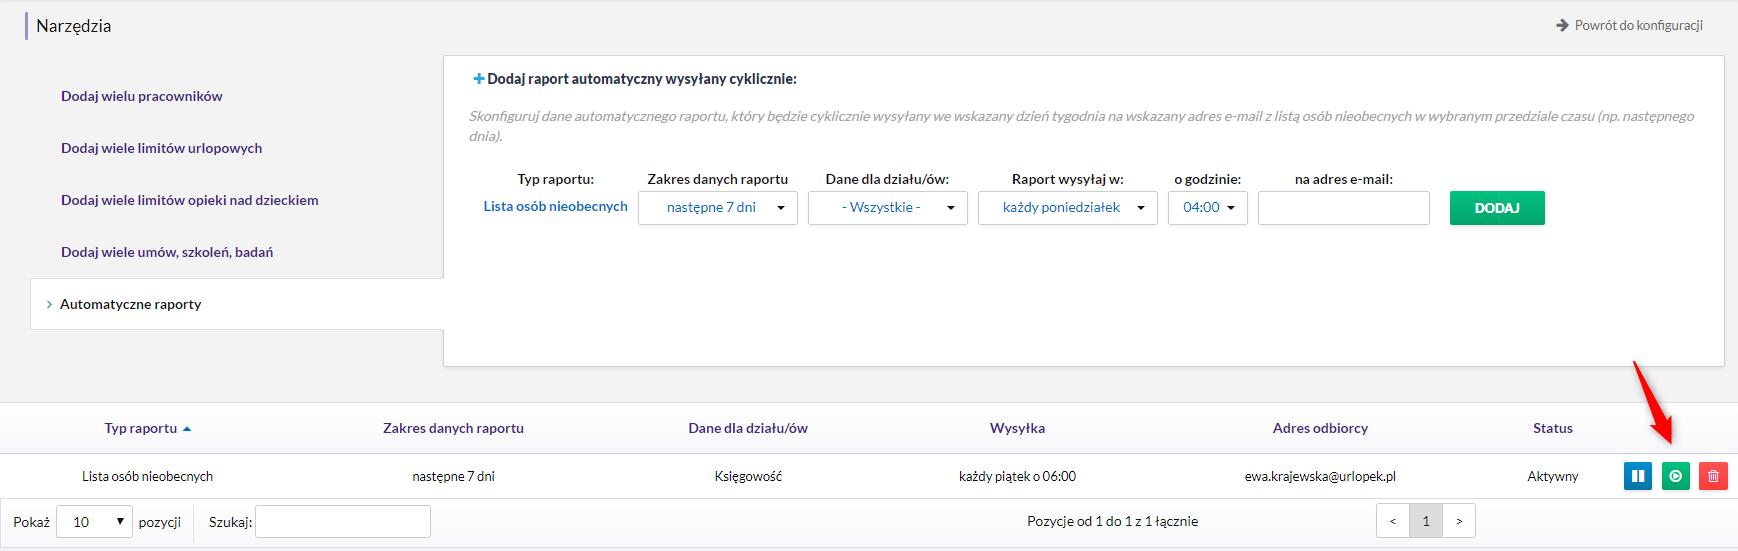 Zobacz, jak działa nowa funckaj systemu HRnest - cyklinie wysyłane automatyczne raporty o nieobecnych w firmie.